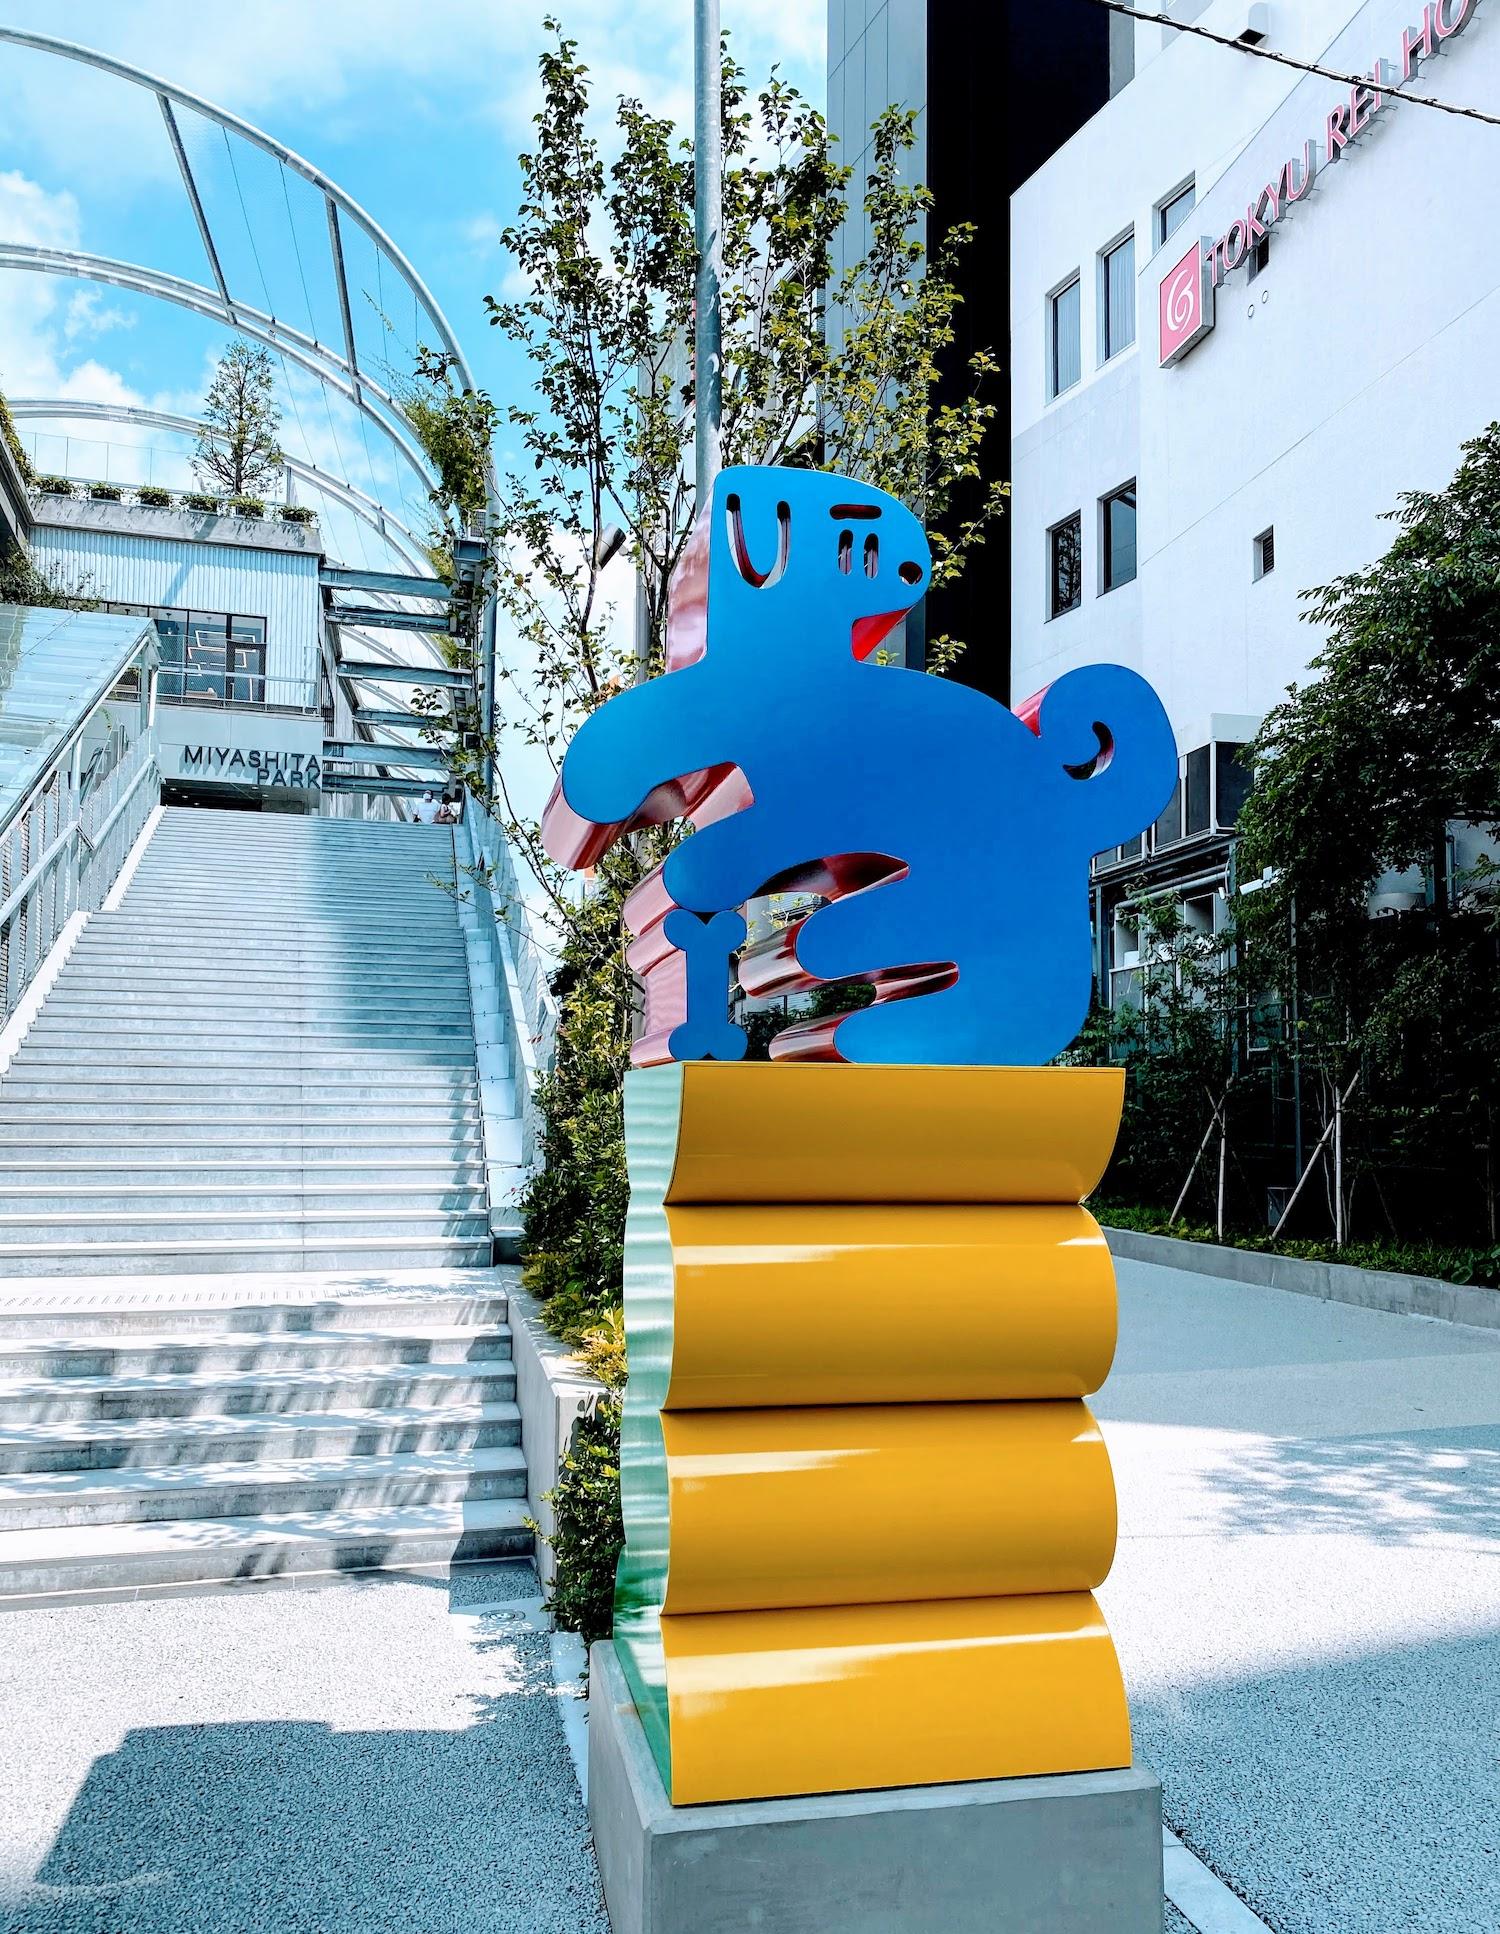 東京都渋谷の新・宮下公園のエントランスに登場したアートワーク「きゅうちゃん」(2020年8月)撮影:(C)ACTRESS